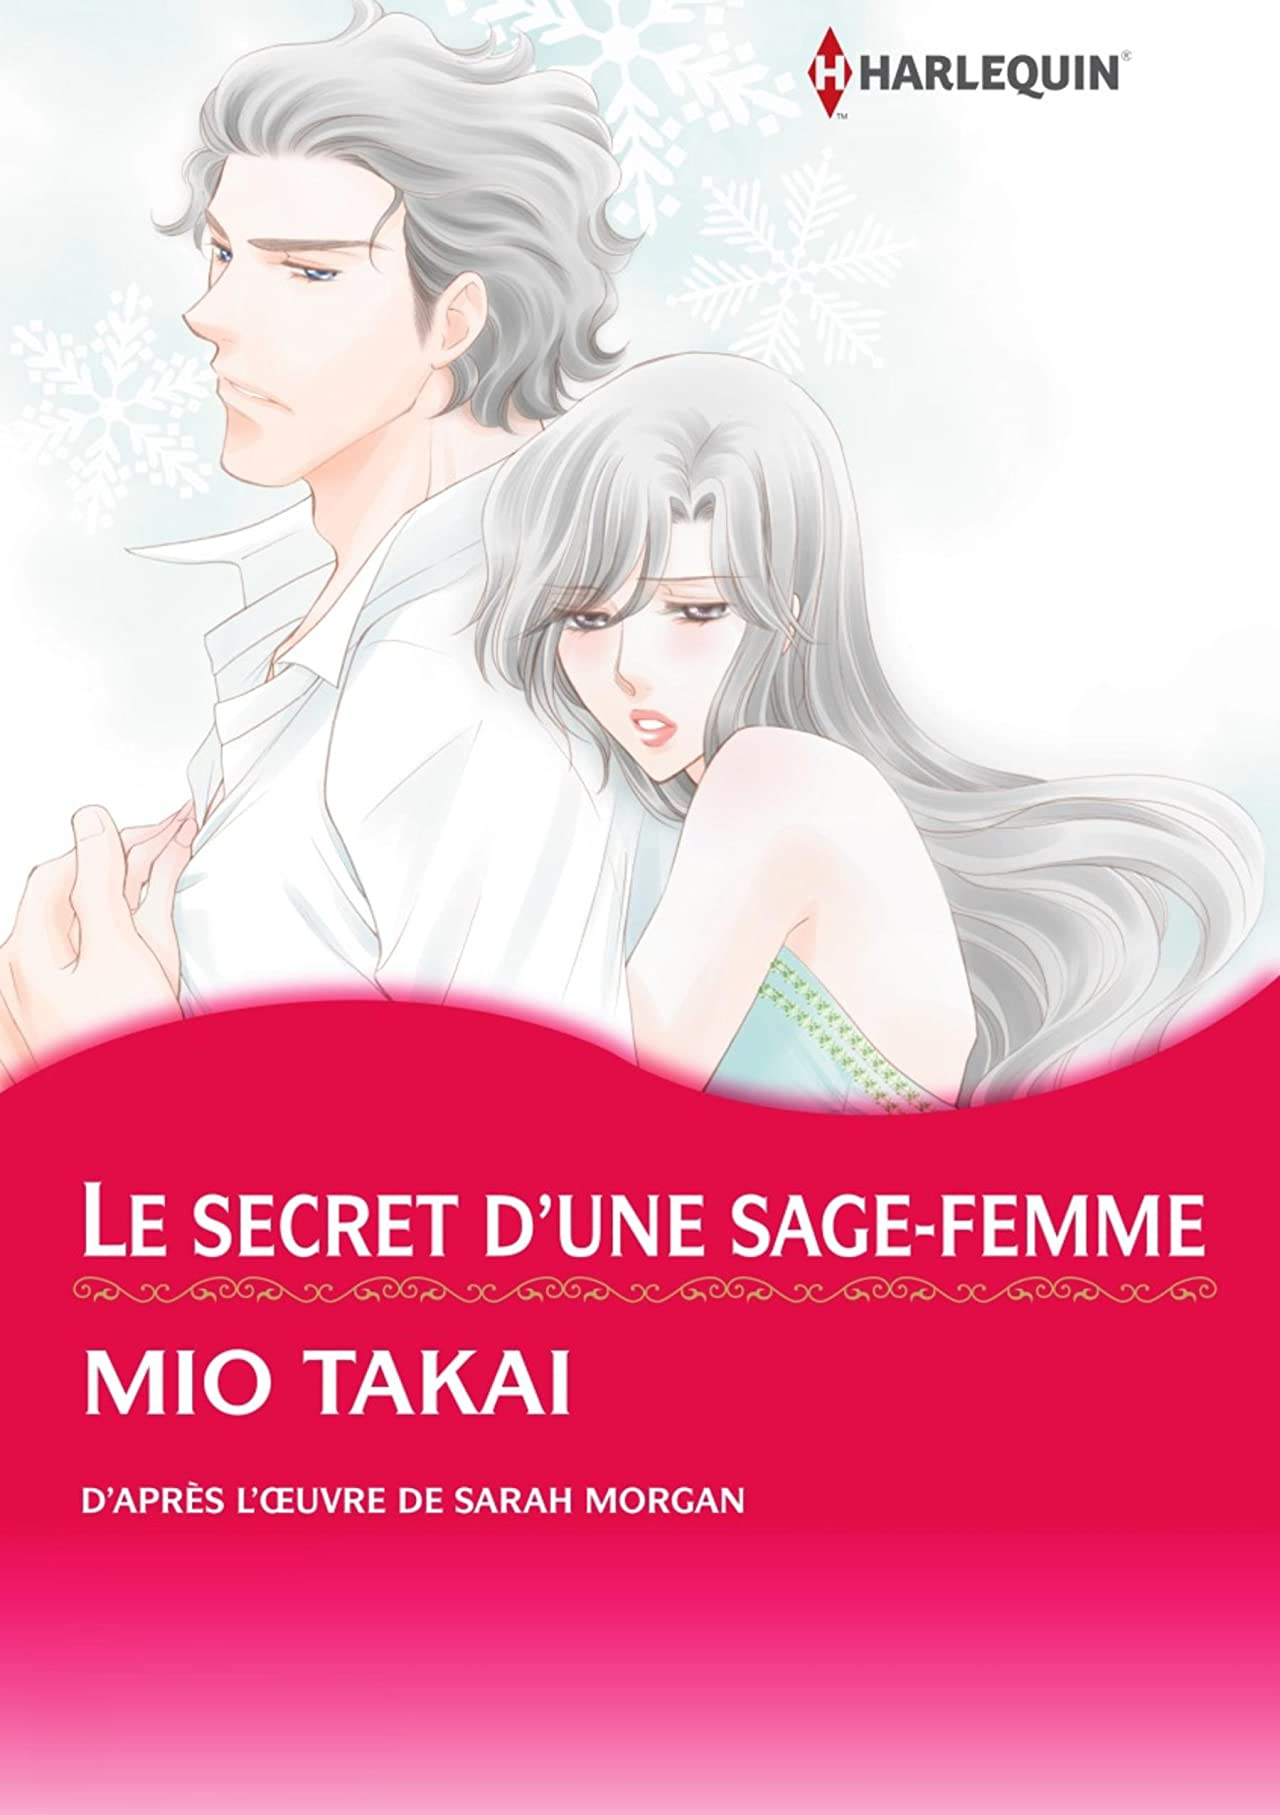 LE SECRET D'UNE SAGE-FEMME